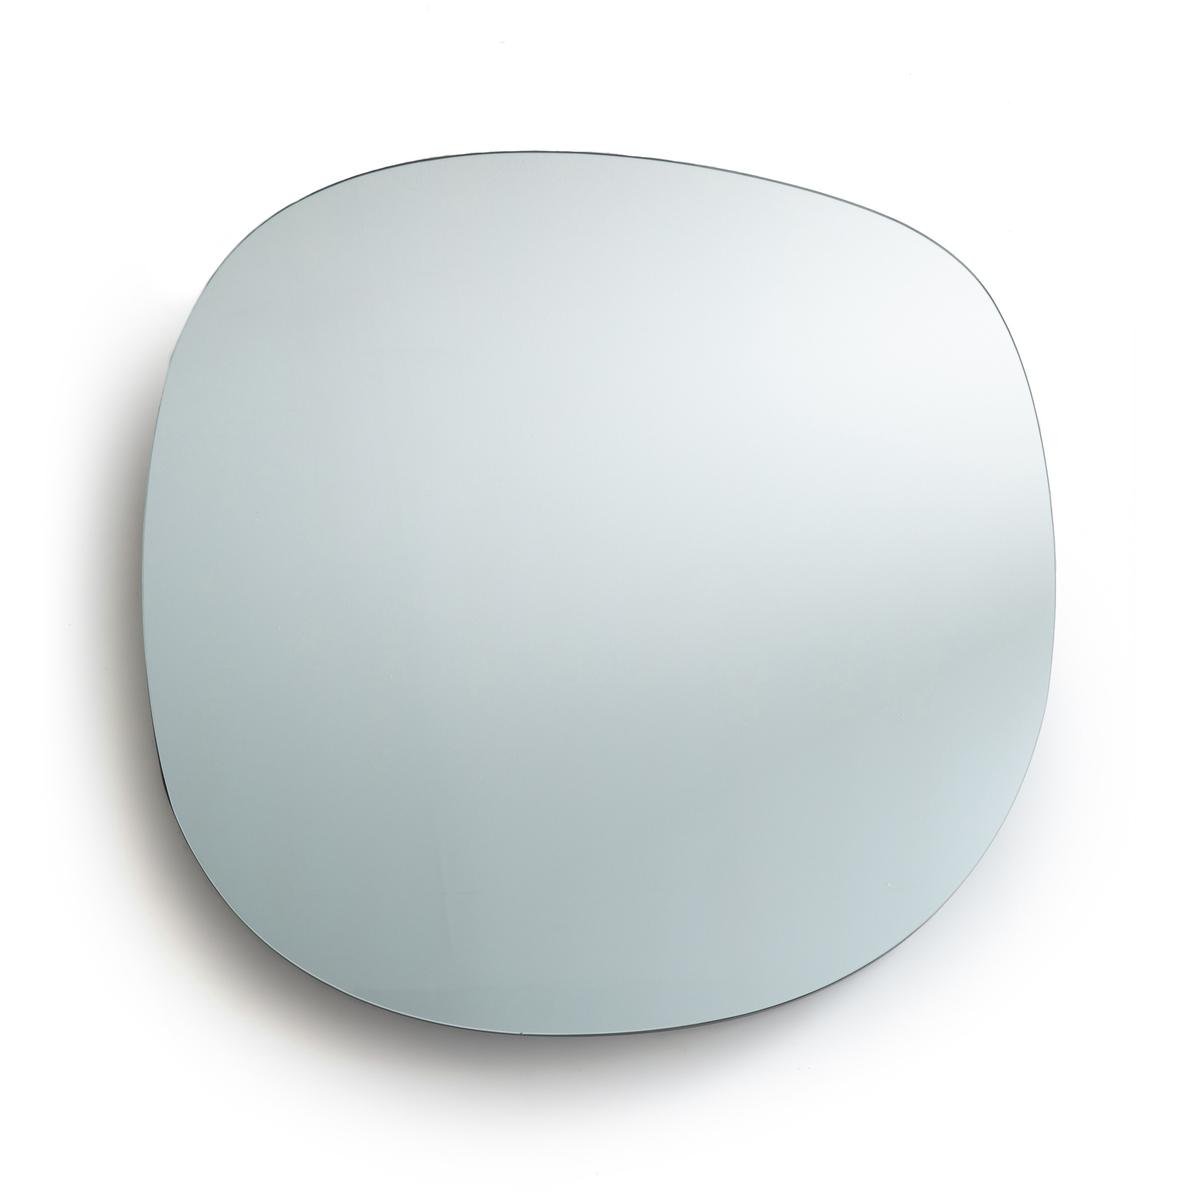 Зеркало La Redoute Размер L Biface единый размер другие зеркало la redoute прямоугольное большой размер д x в см barbier единый размер другие